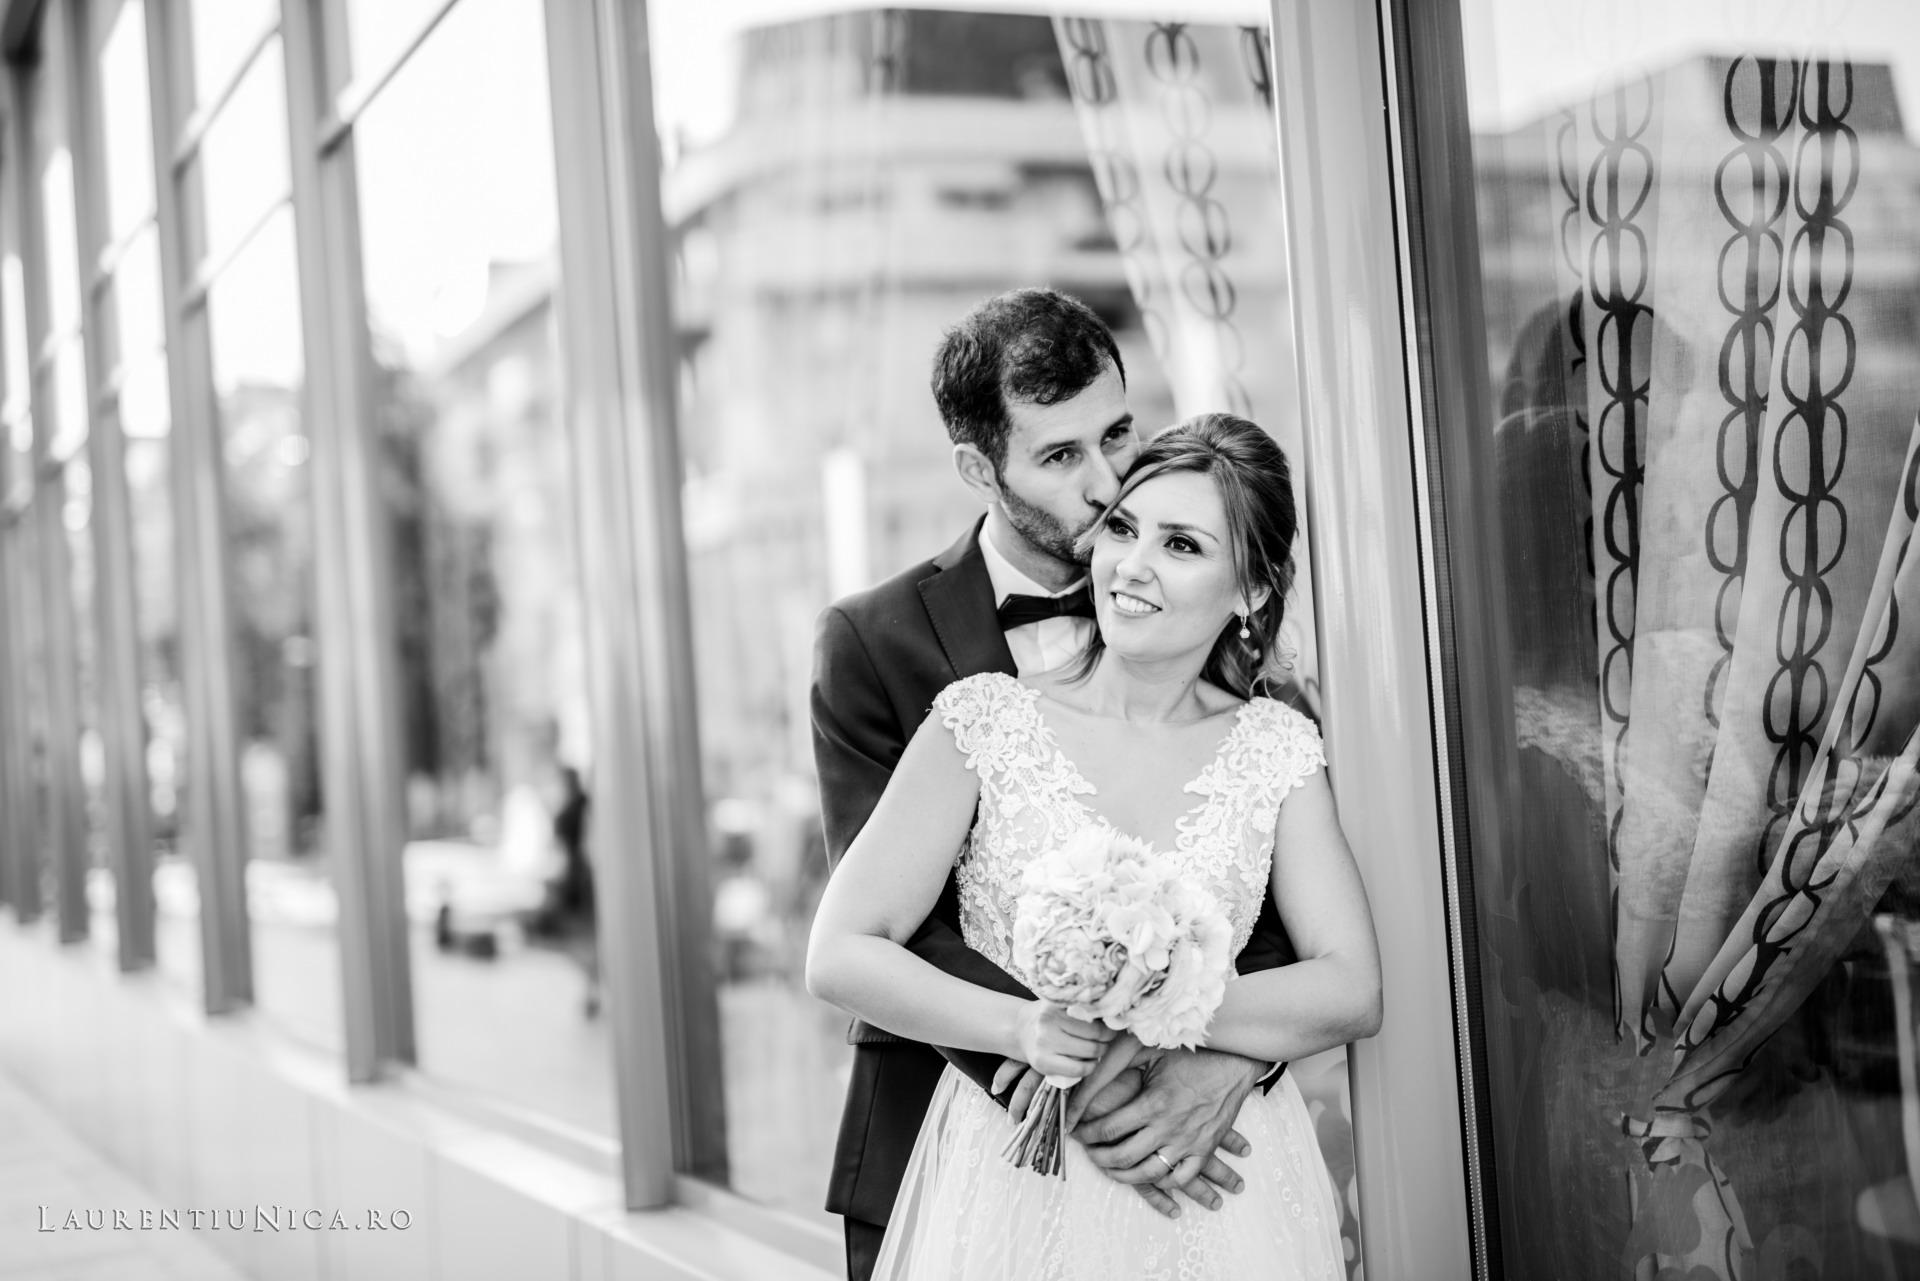 carolina si sorin craiova fotograf nunta laurentiu nica48 - Carolina & Sorin | Fotografii nunta